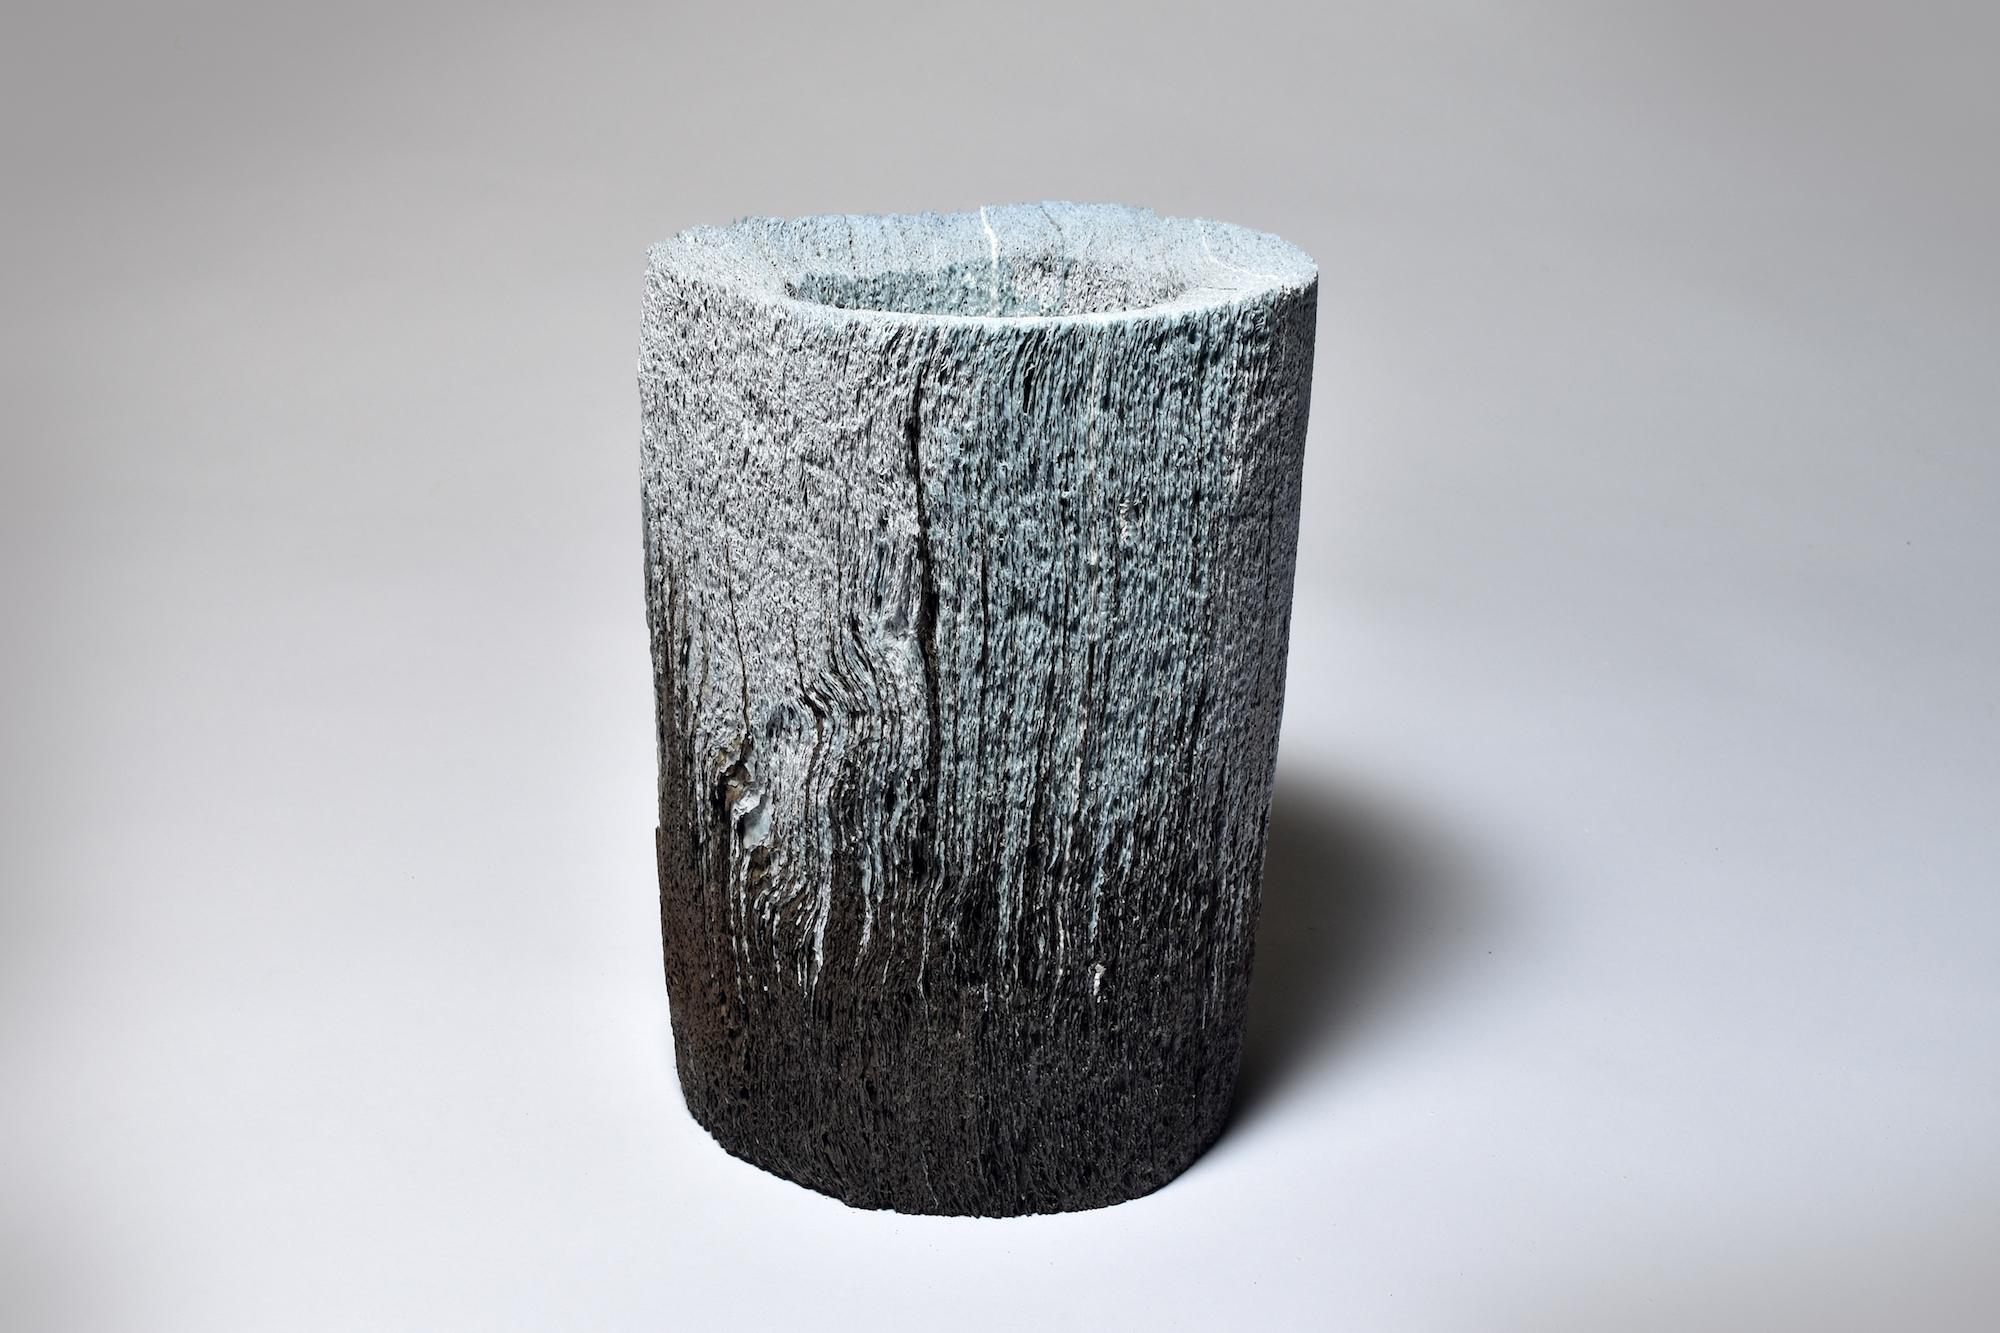 Jongjin Park, Artistic Stratum_B4B1, 1000 sheets of tissue paper, porcelain with stain, Dimensions (W x D x Hcm): 11x13x21cm, 2016